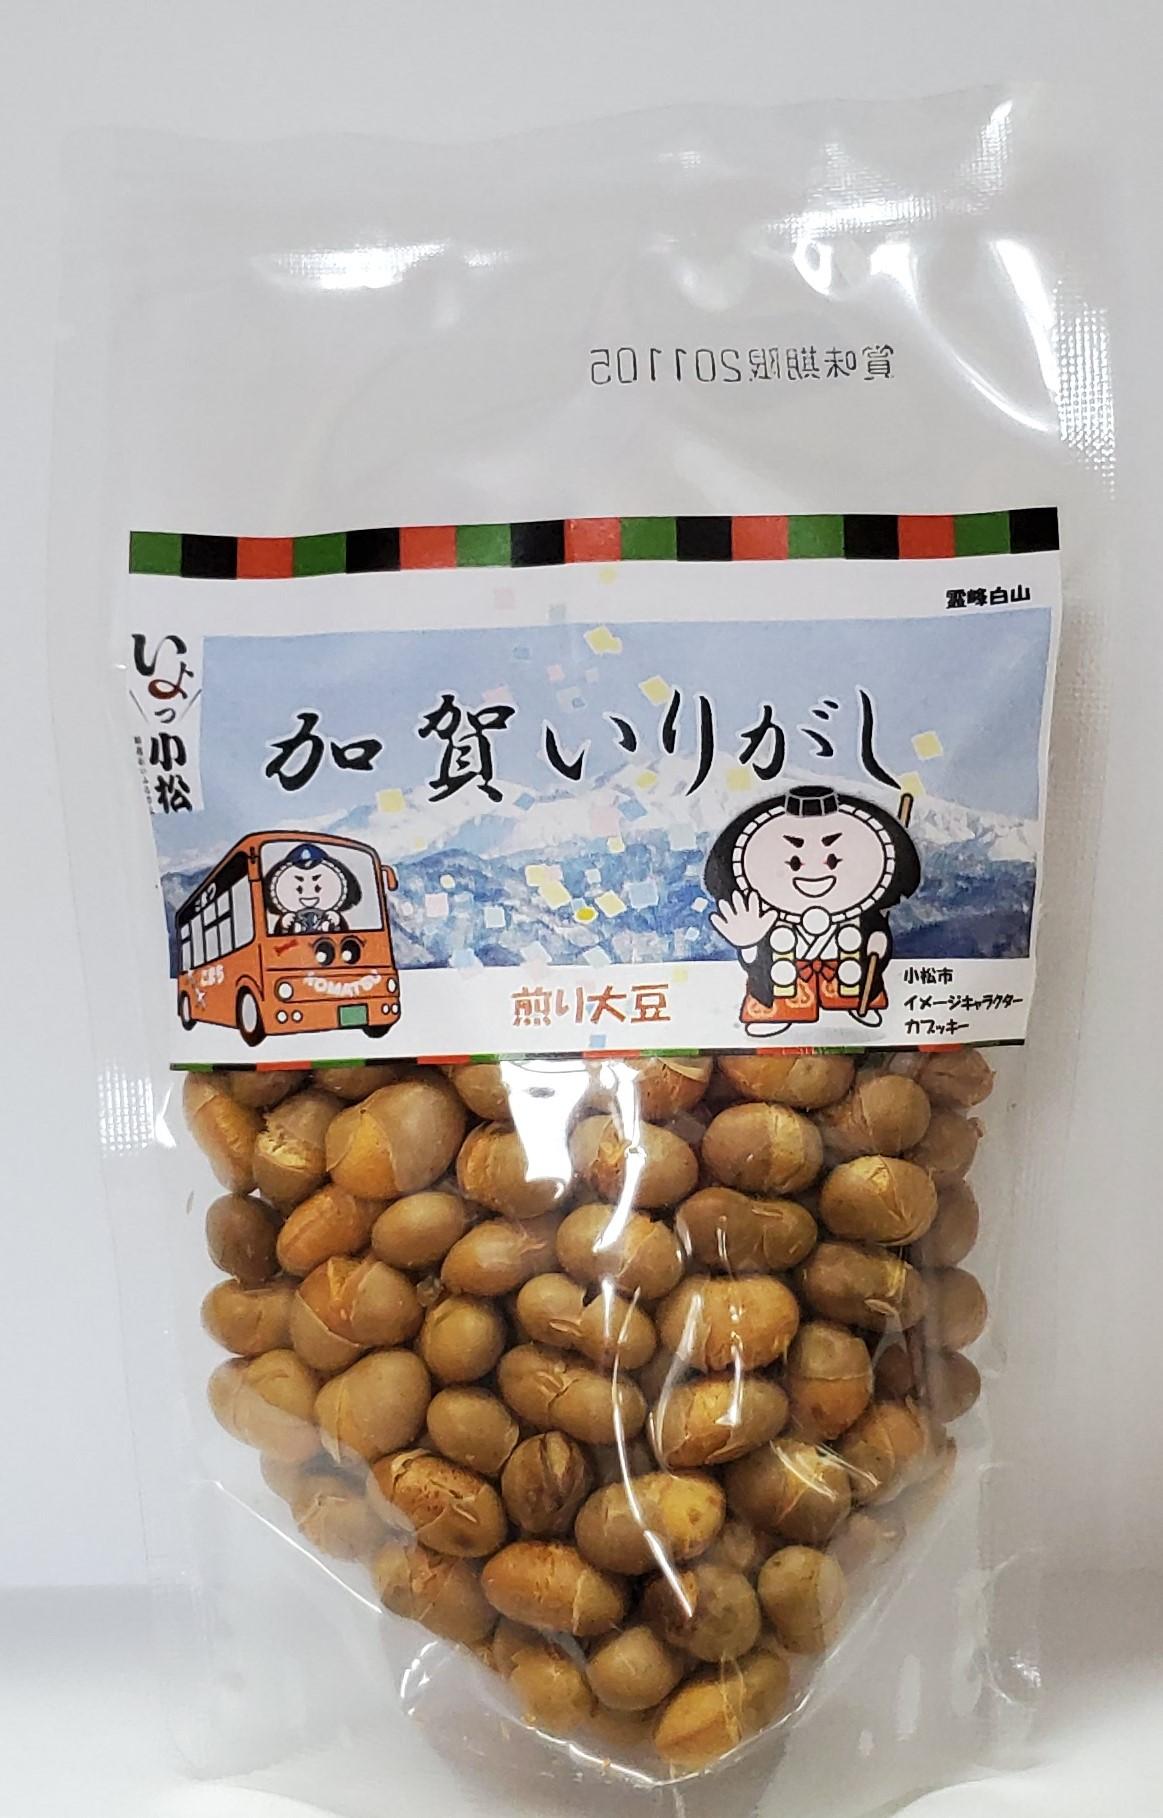 いり大豆(60g)…大豆をはじきました。大豆ご飯(レシピ付)にいかがですか?